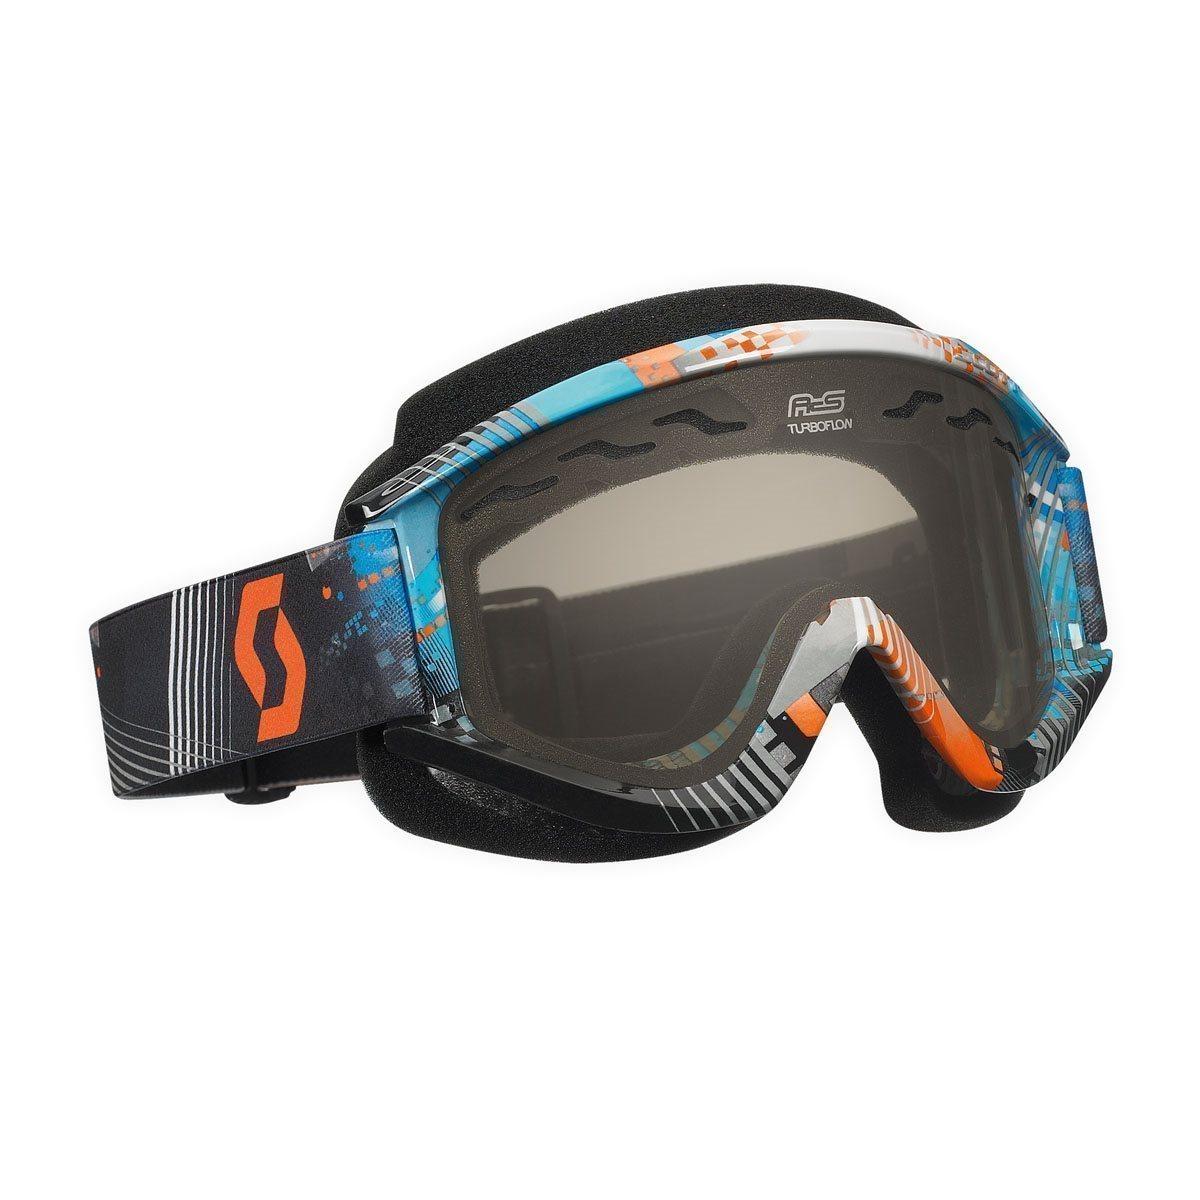 SCOTT cross/snow szemüveg RECOIL TANGENT